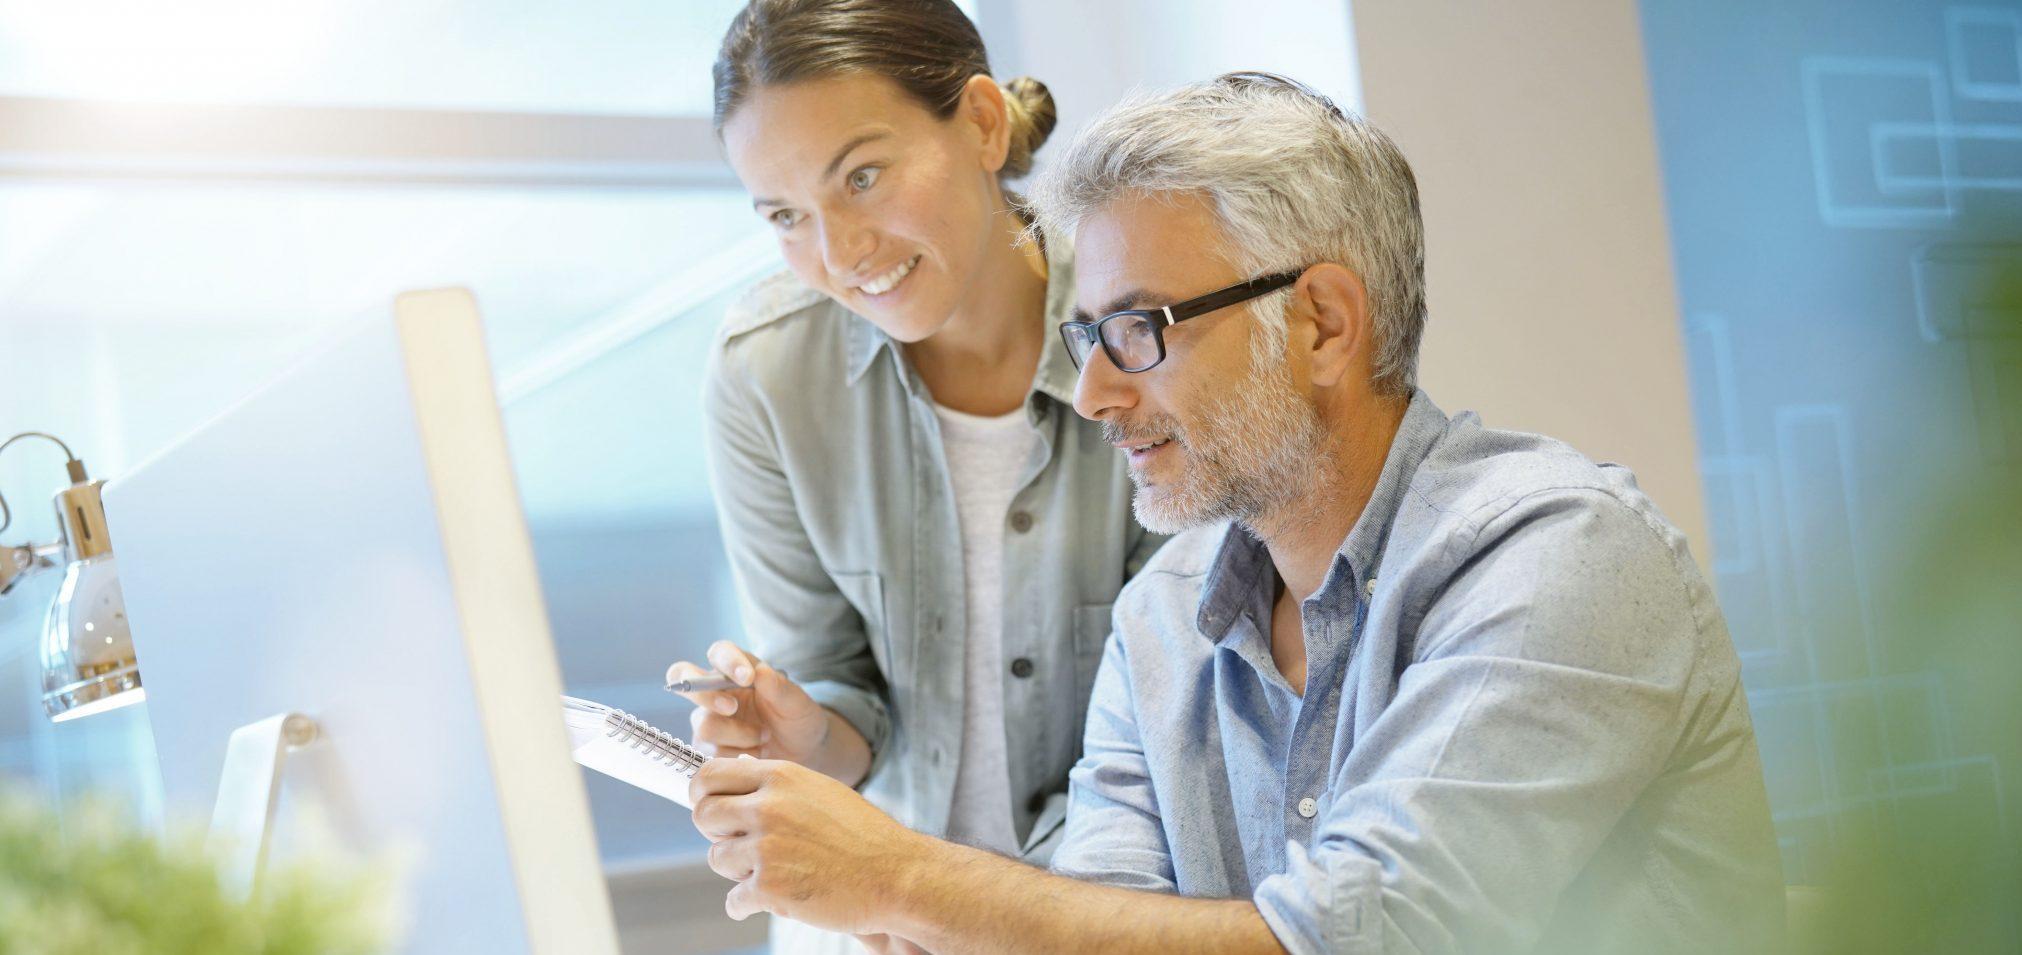 To ansatte som har fokus på bærekraft står ved siden av hverandre på kontoret og ser på en felles dataskjerm